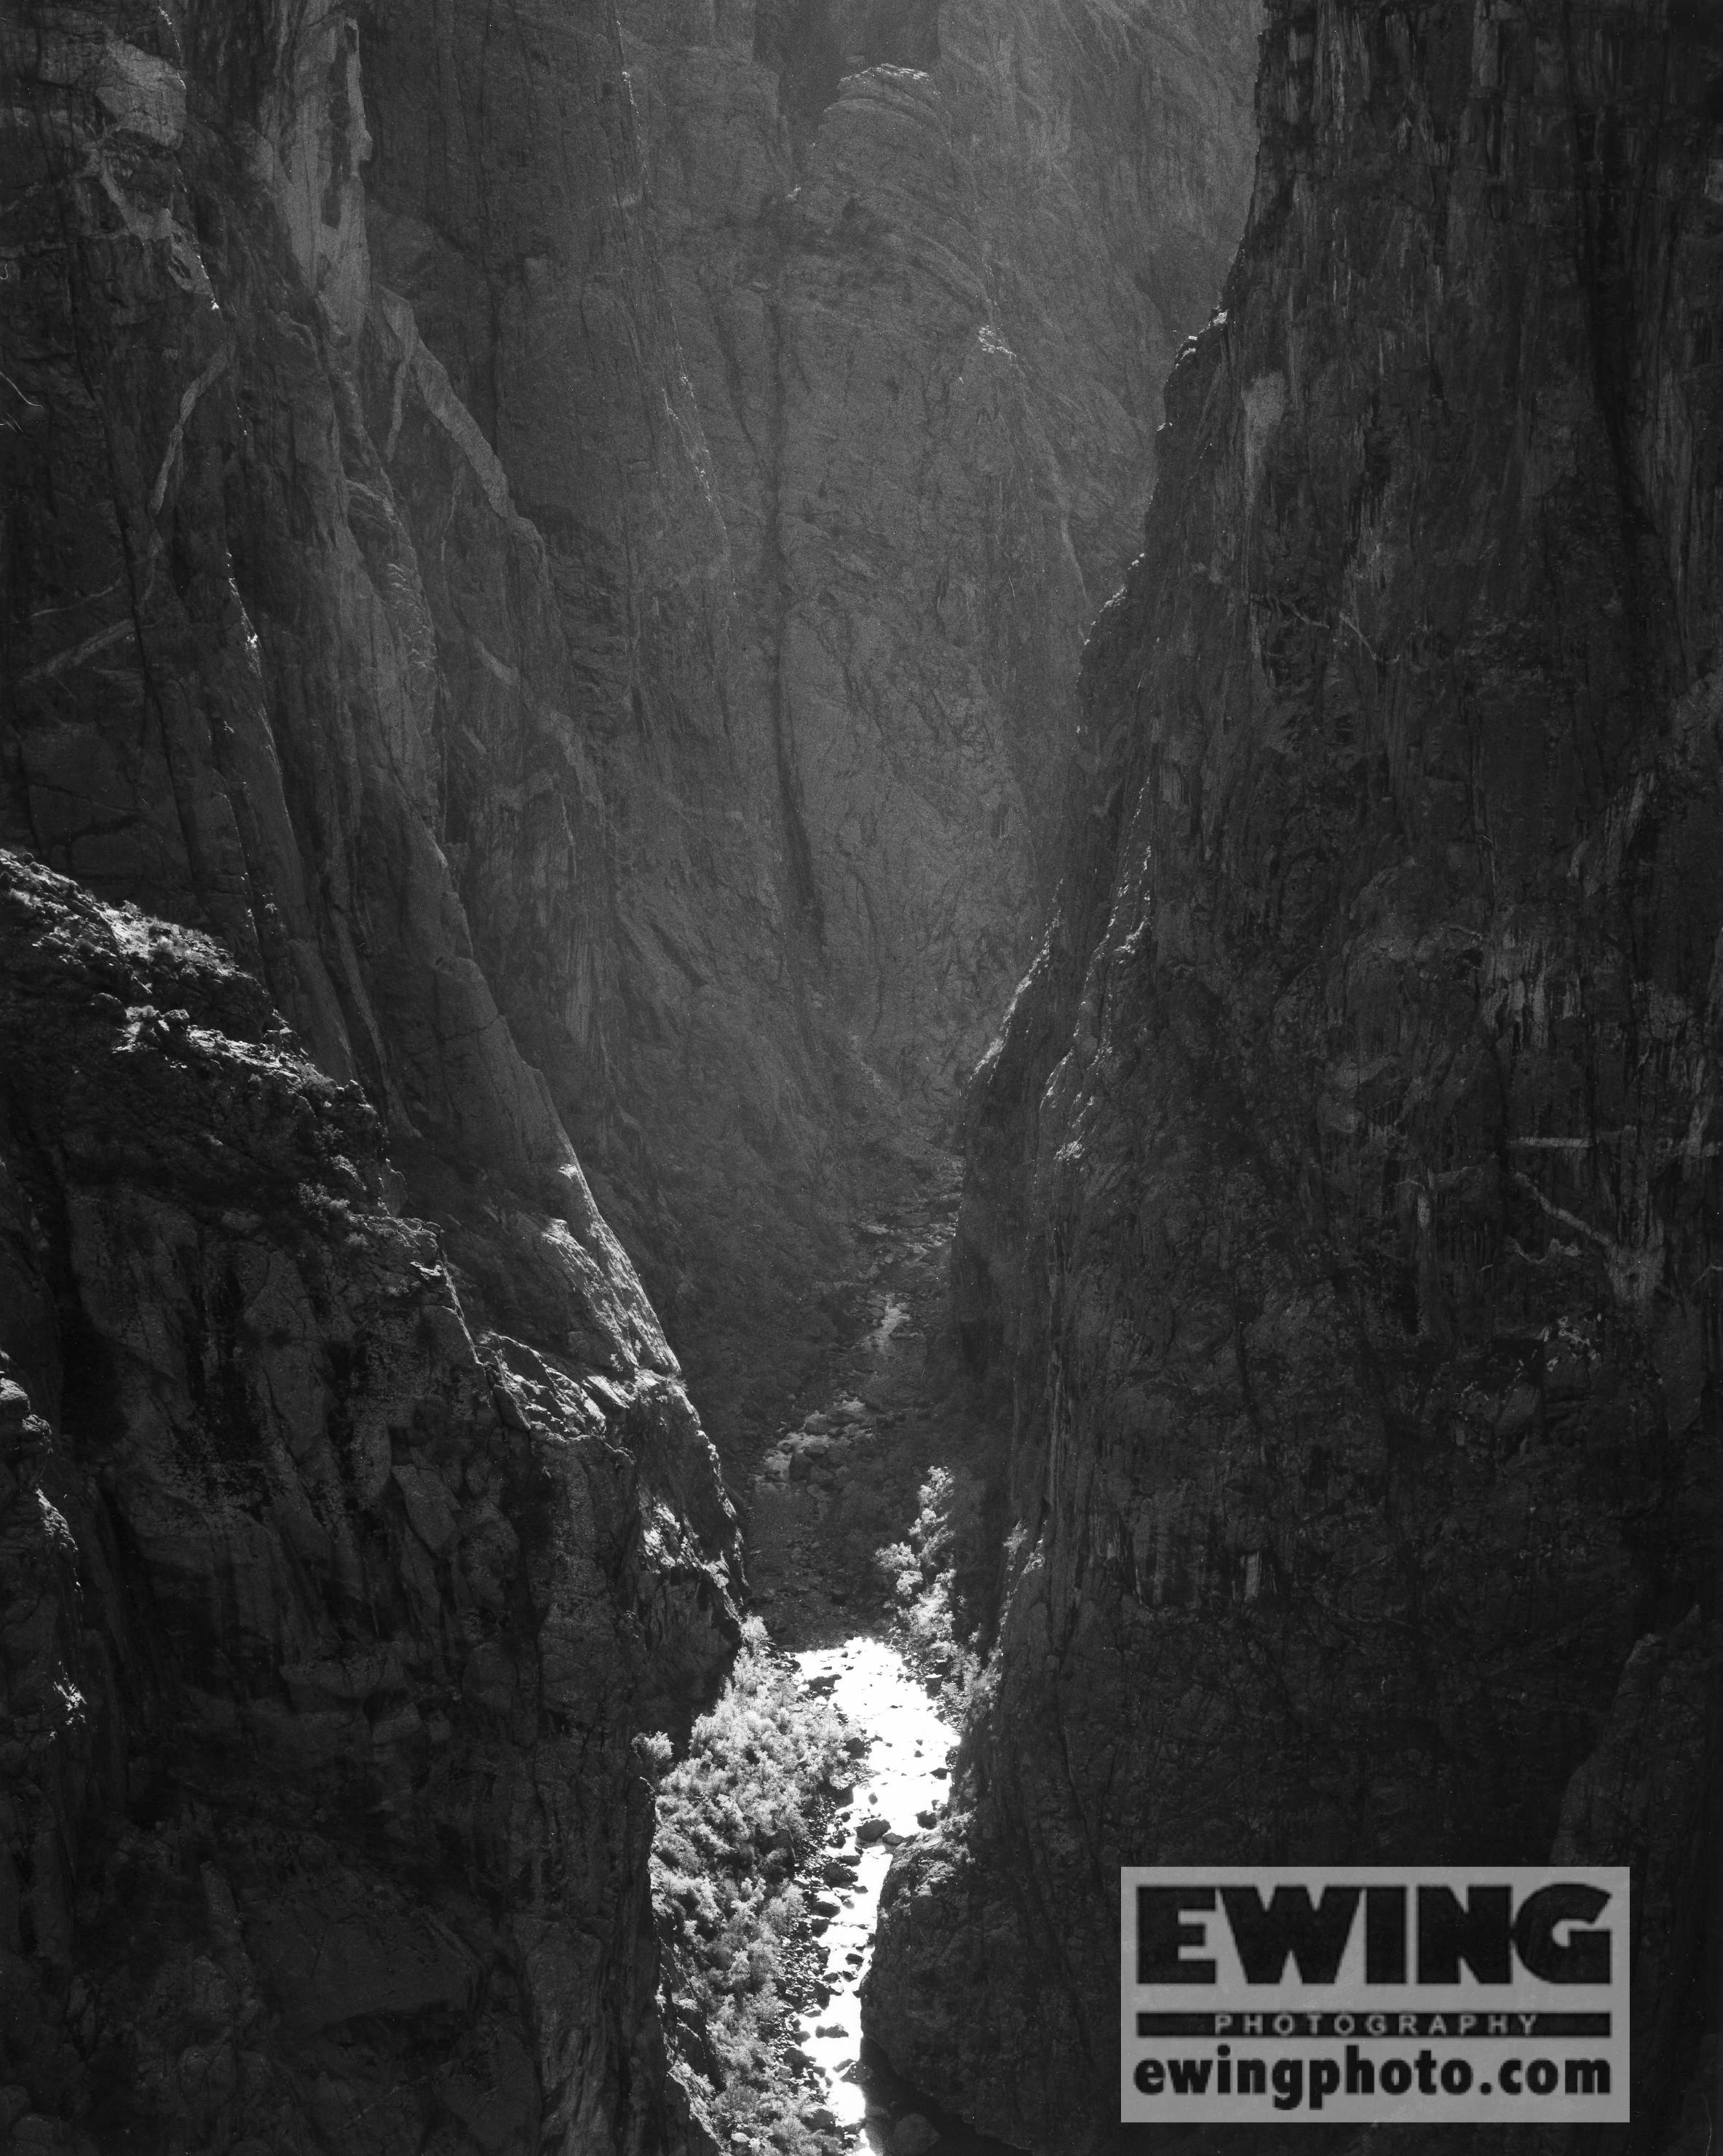 Gunnison River Black Canyon of the Gunnison, Colorado